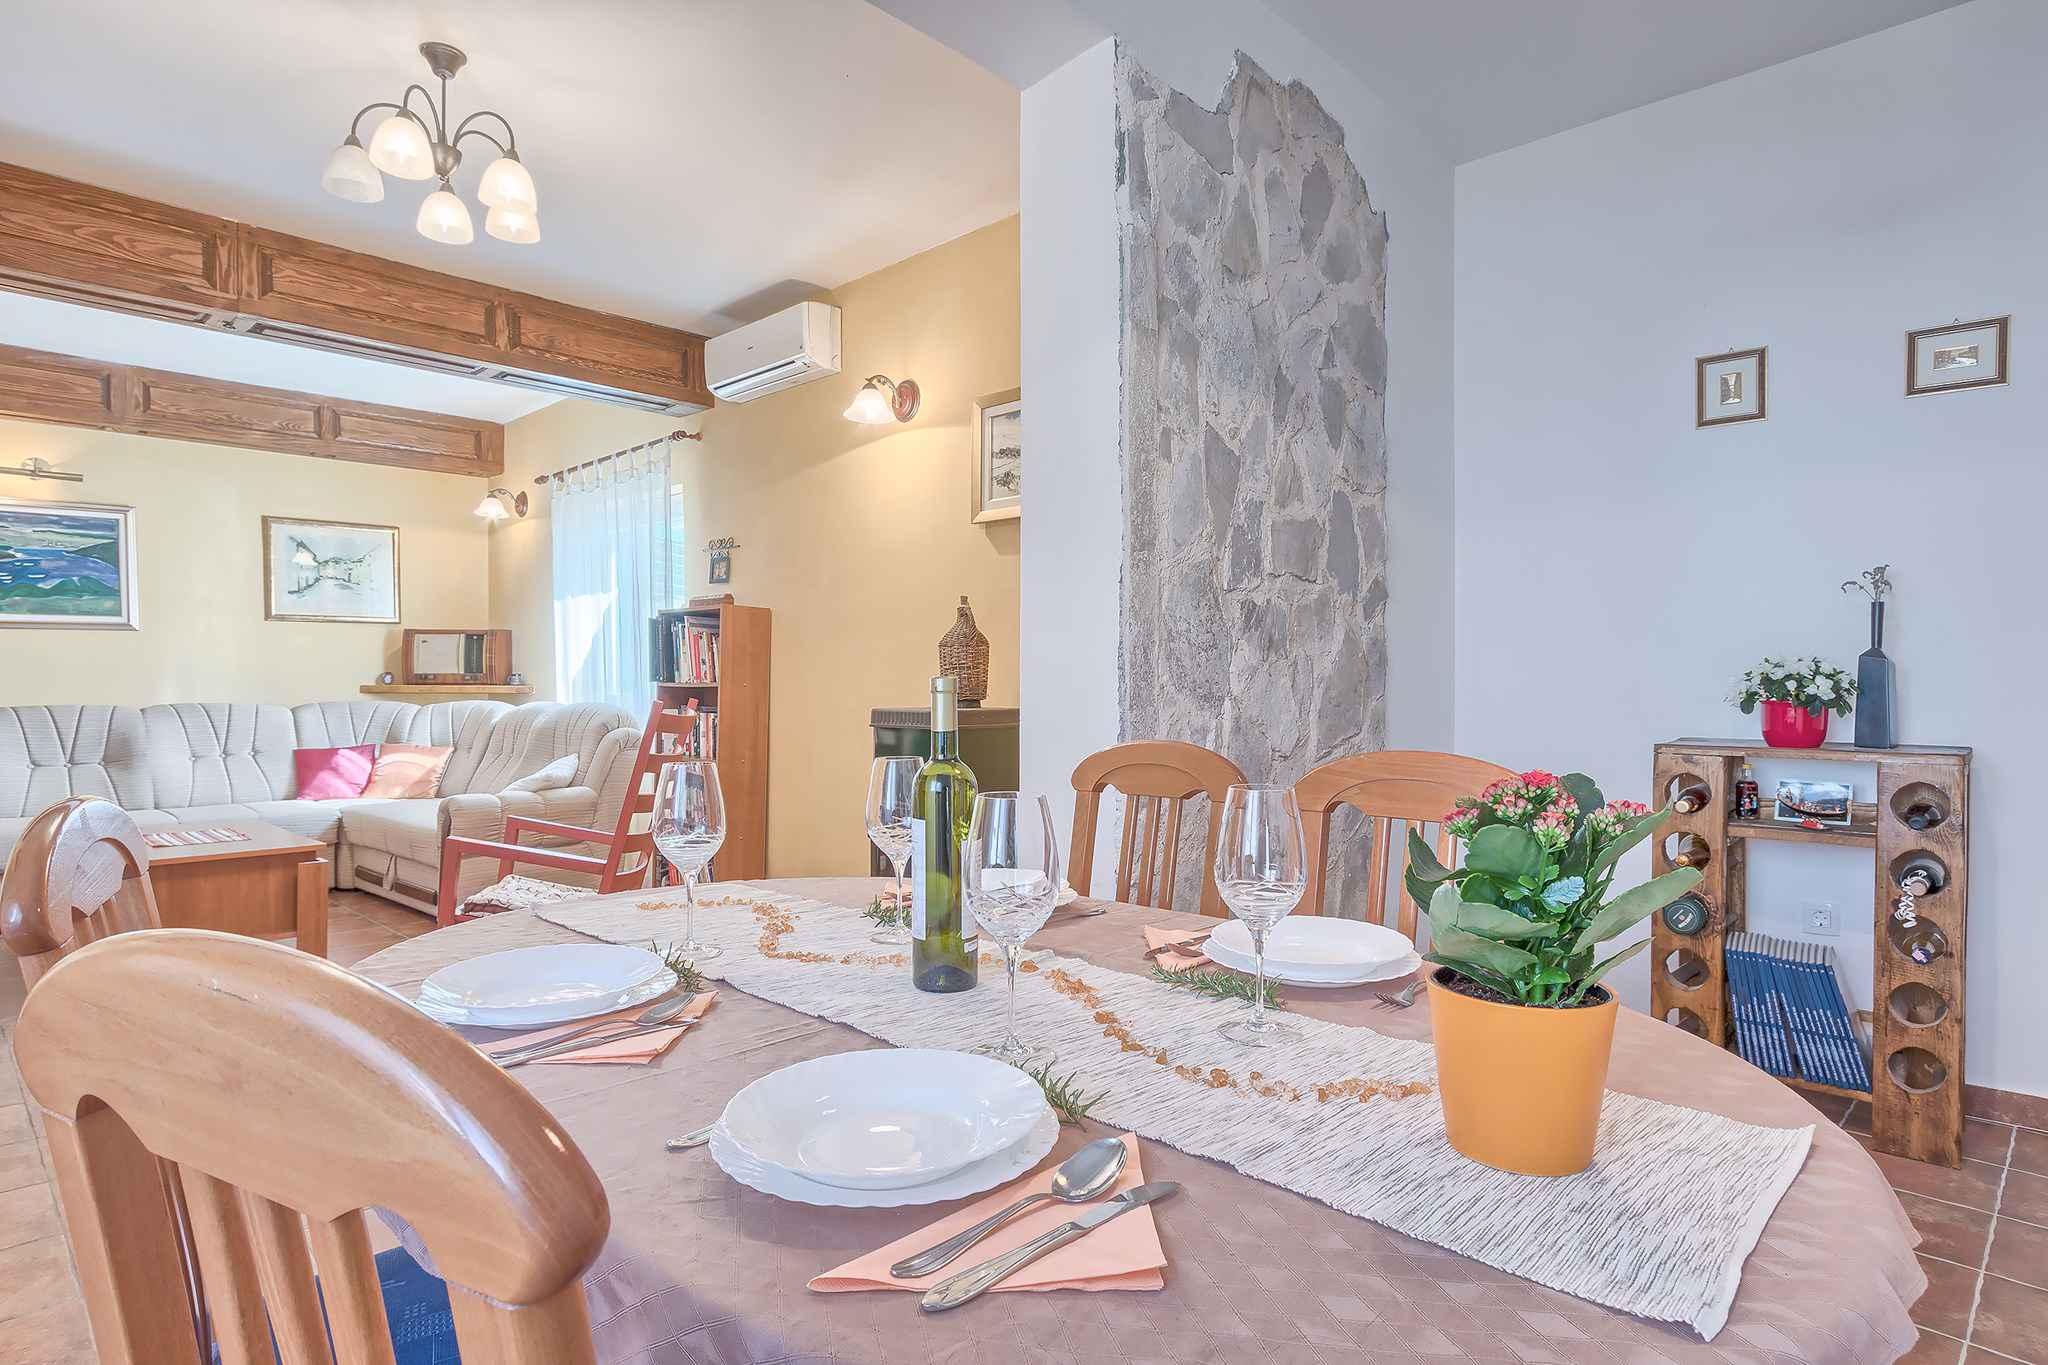 Ferienhaus mit Garten (470324), Marcana, , Istrien, Kroatien, Bild 8